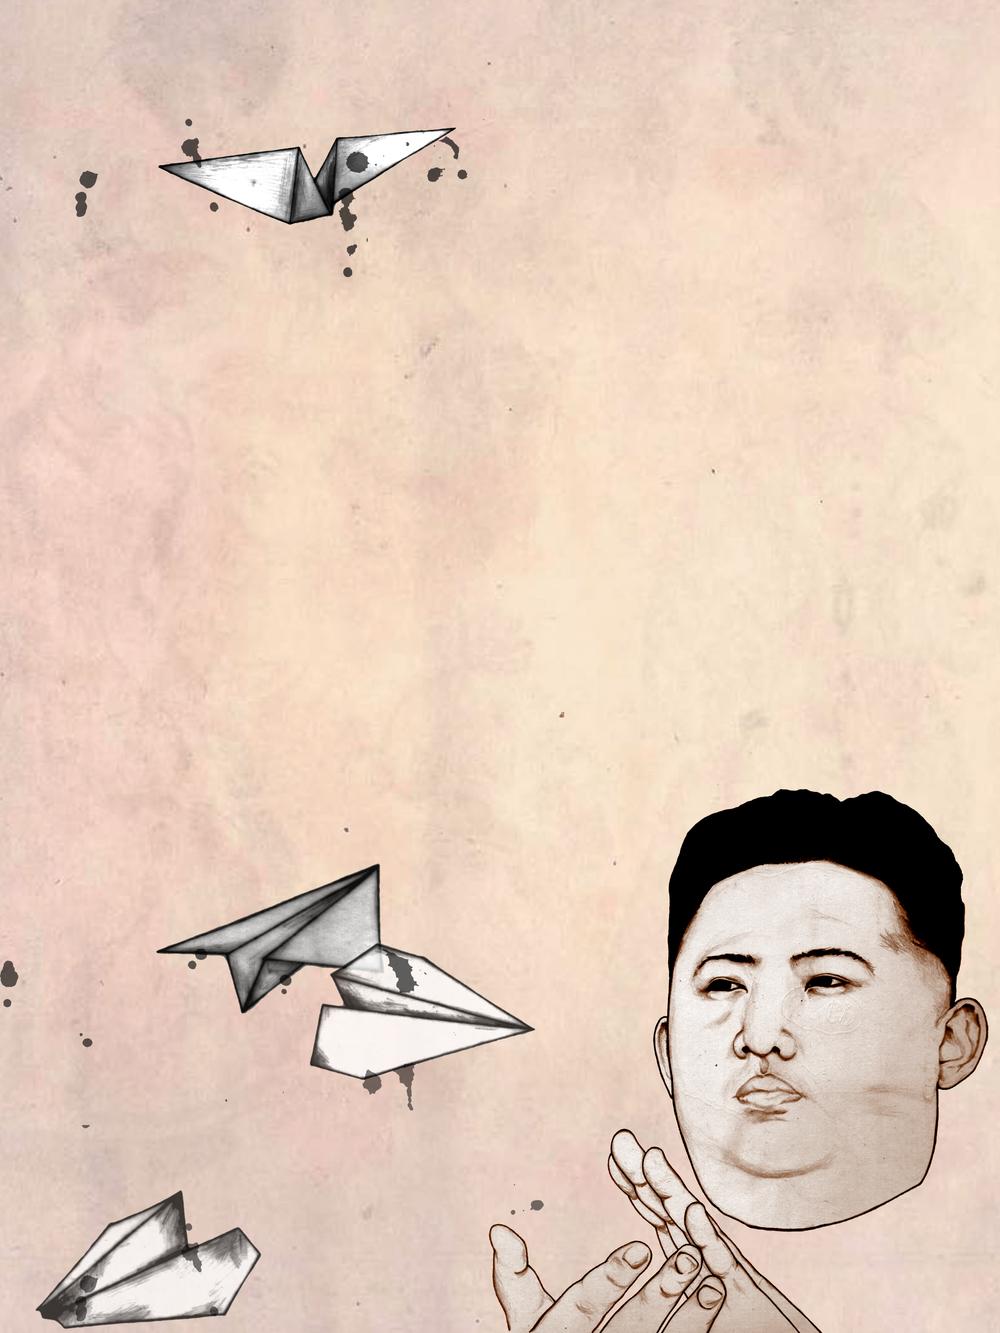 Kim Jong-un concurs